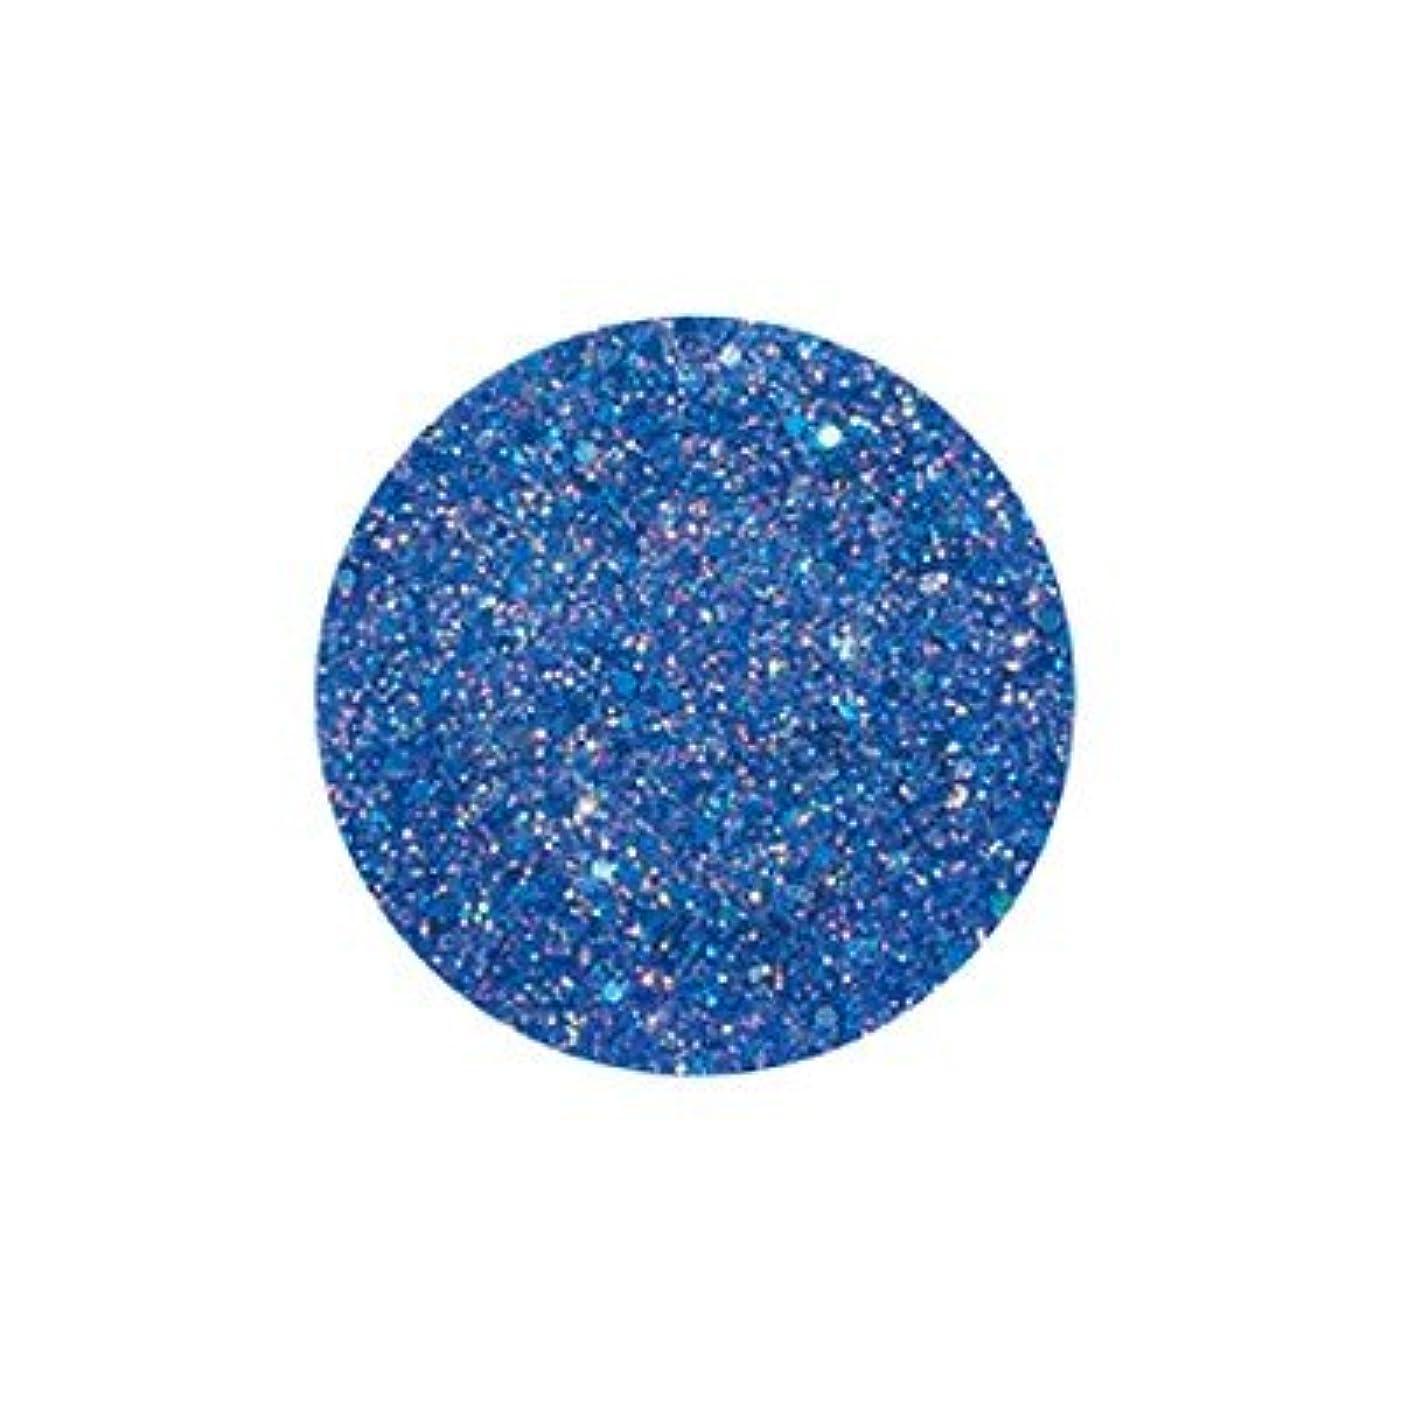 文男やもめ師匠FANTASY NAIL ダイヤモンドコレクション 3g 4263XS カラーパウダー アート材